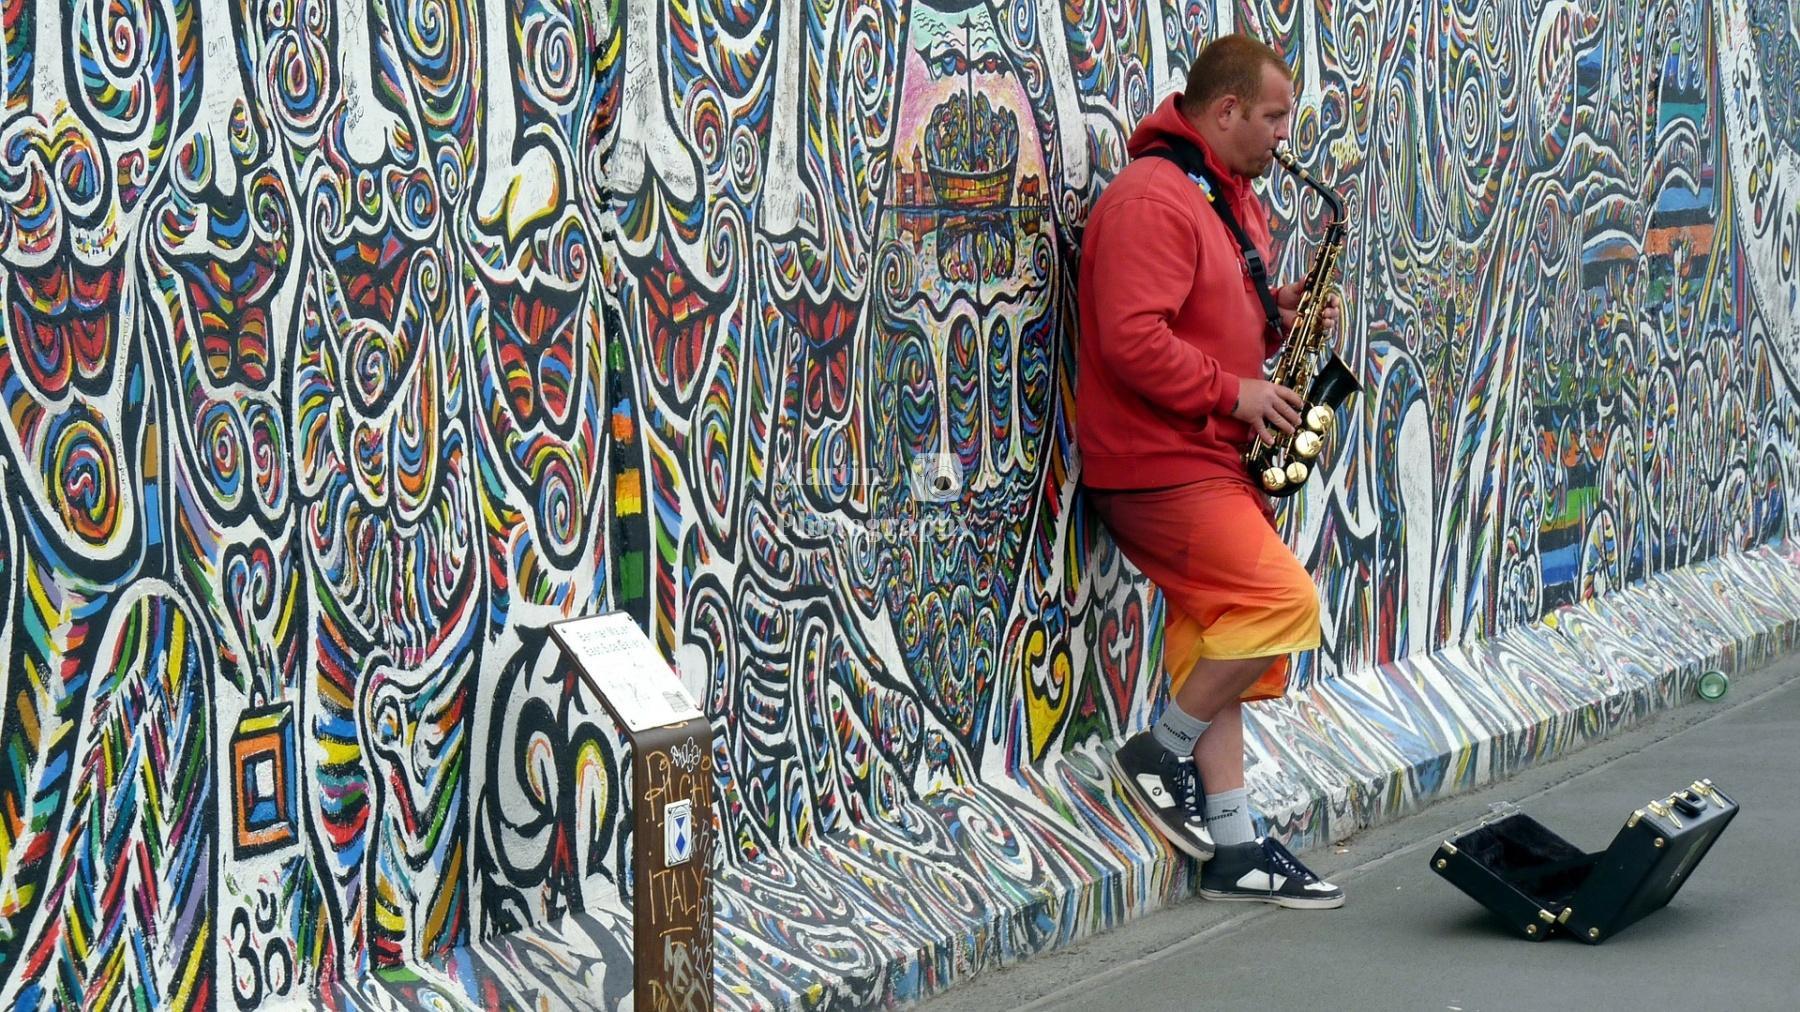 street-musicians-337047_1920